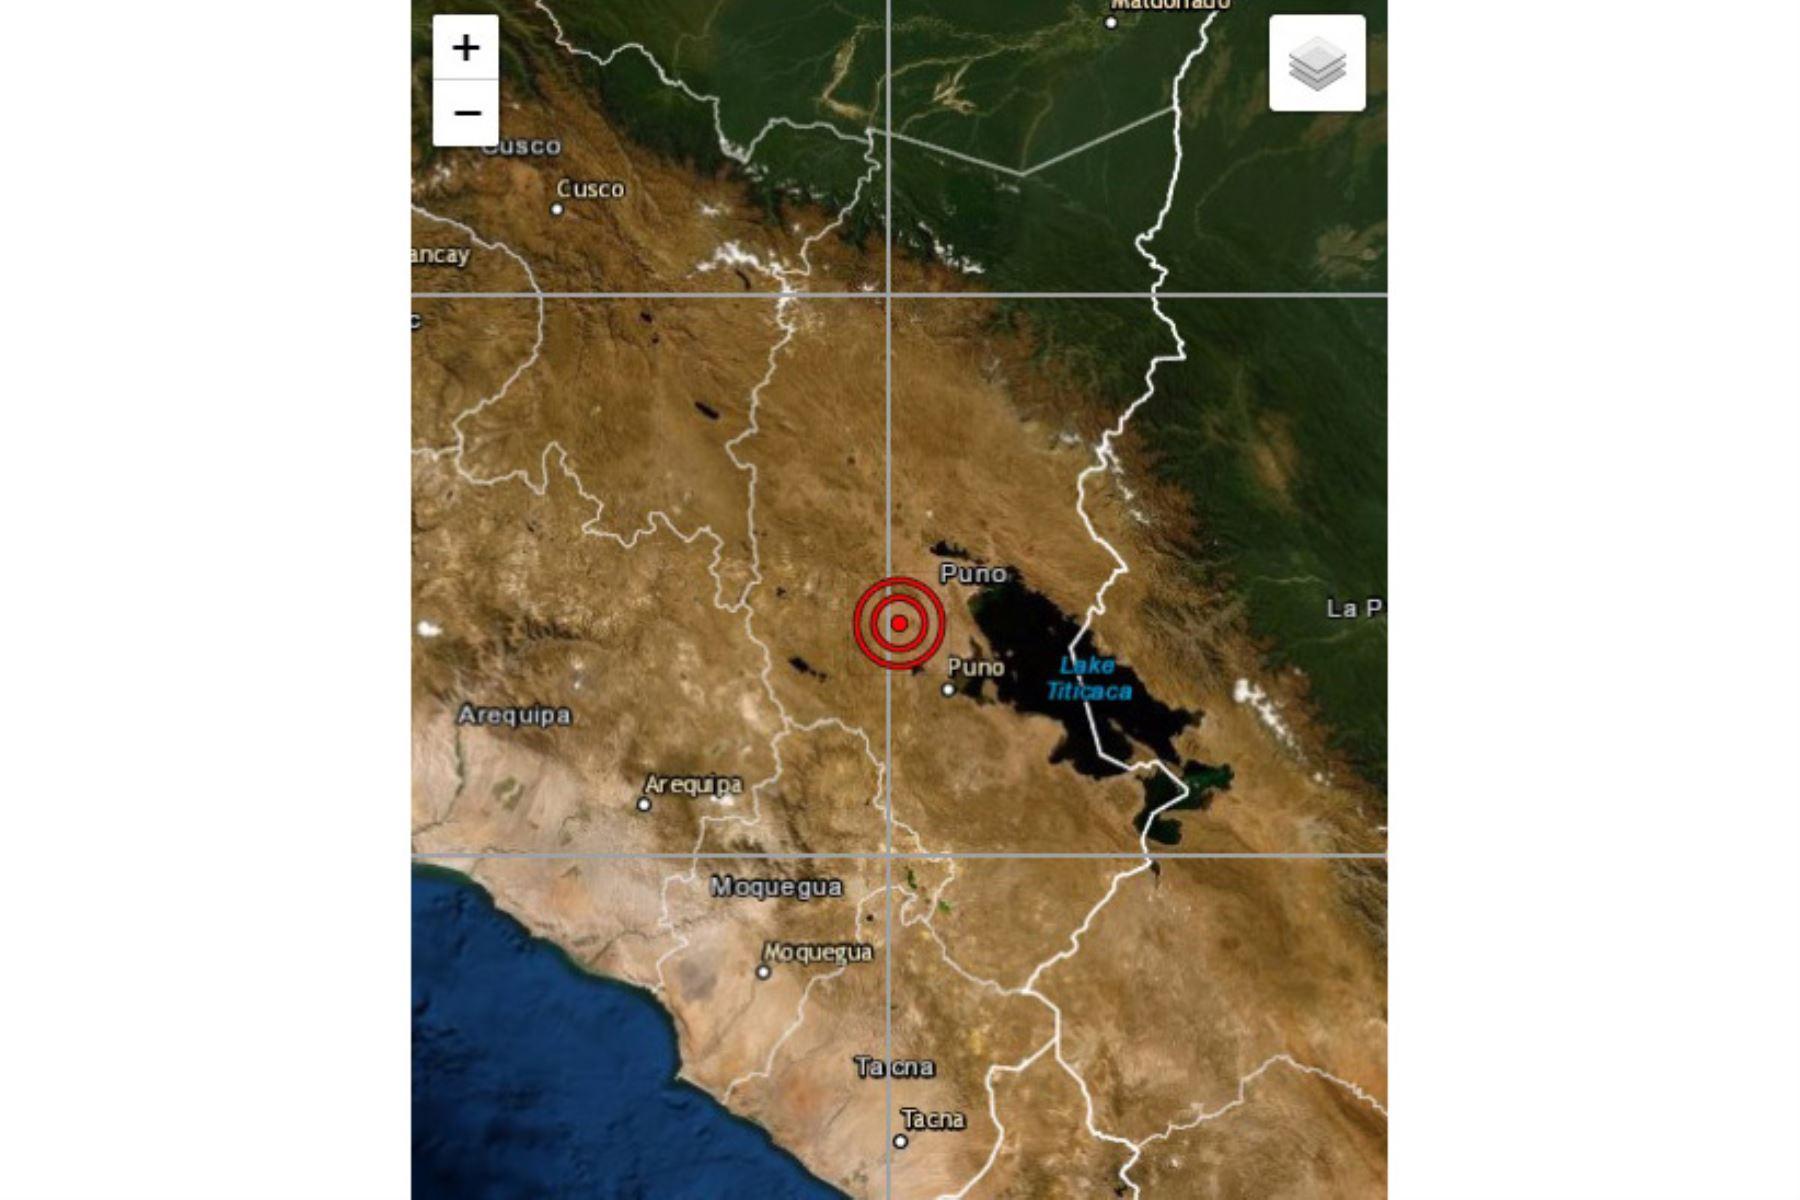 En la región Puno se registró movimiento sísmico de magnitud 4.1 esta tarde. Foto: ANDINA/Difusión